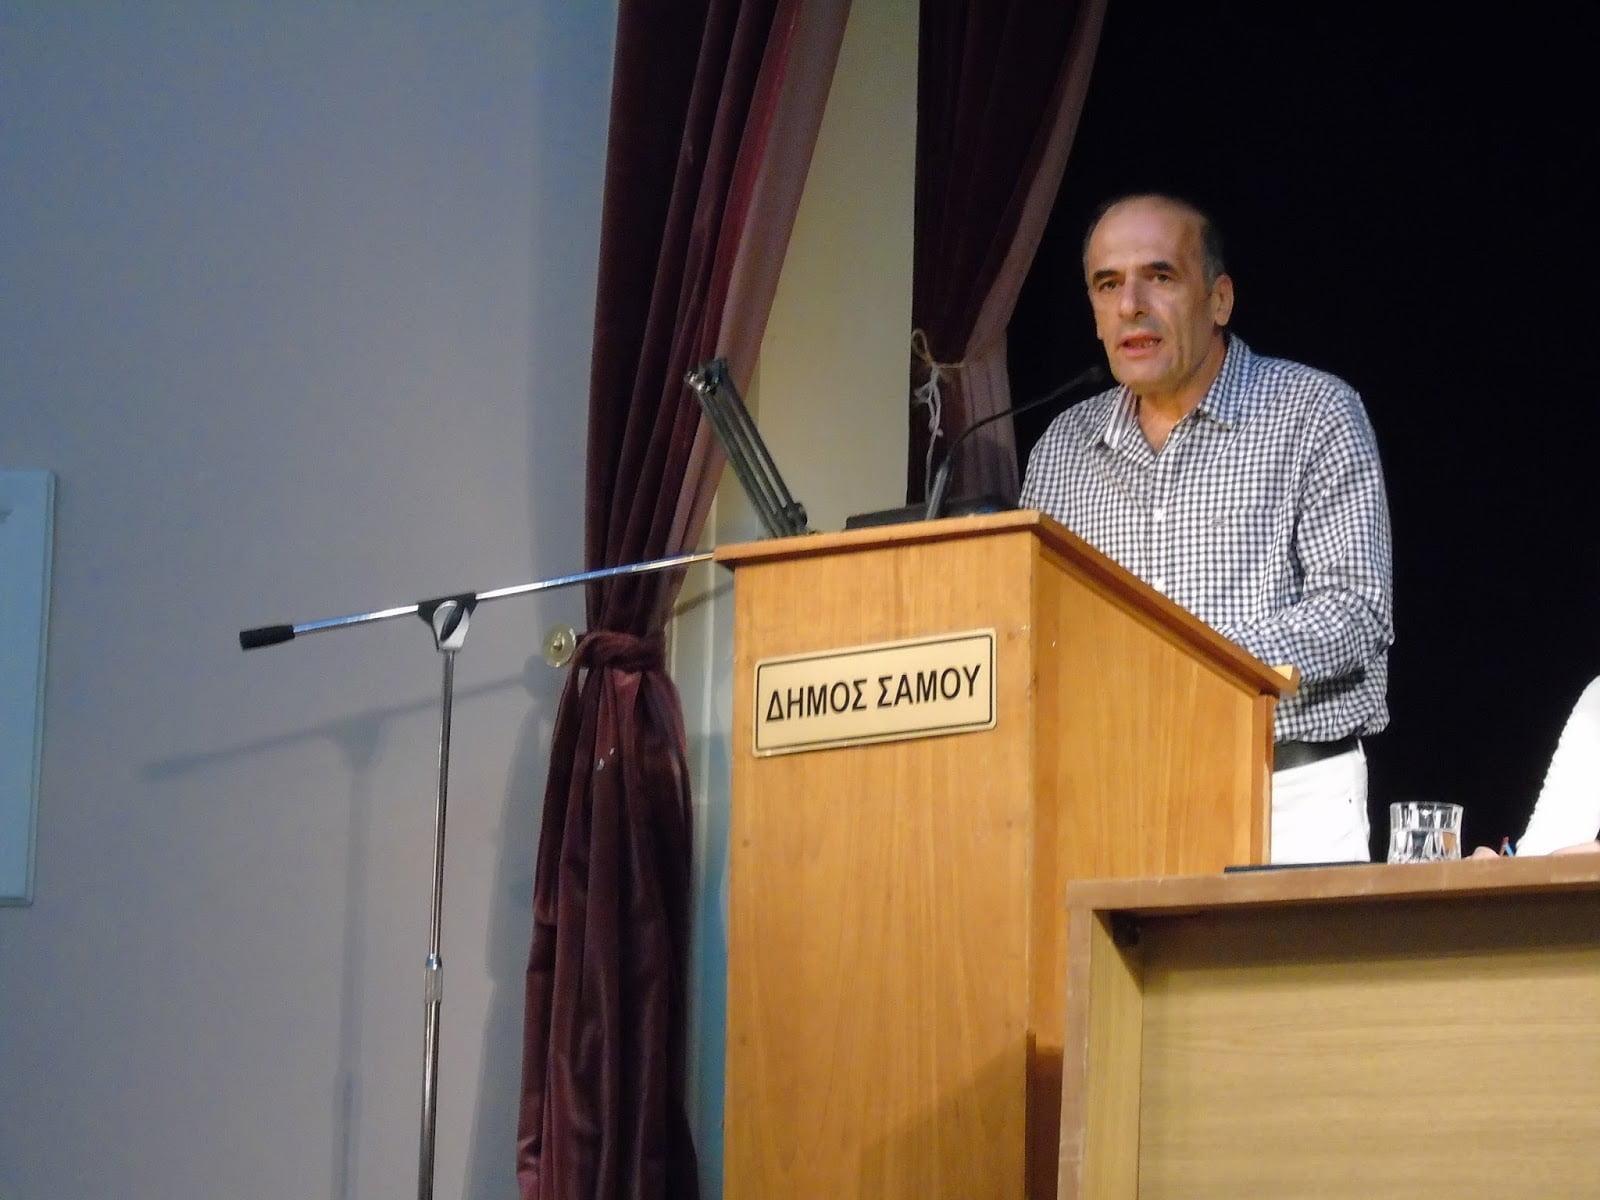 Θέμος Δημόπουλος (Συμβολαιογράφος): «Η κυβέρνηση μάλλον αδικεί τον εαυτό της με το μέτρο της επίταξης»